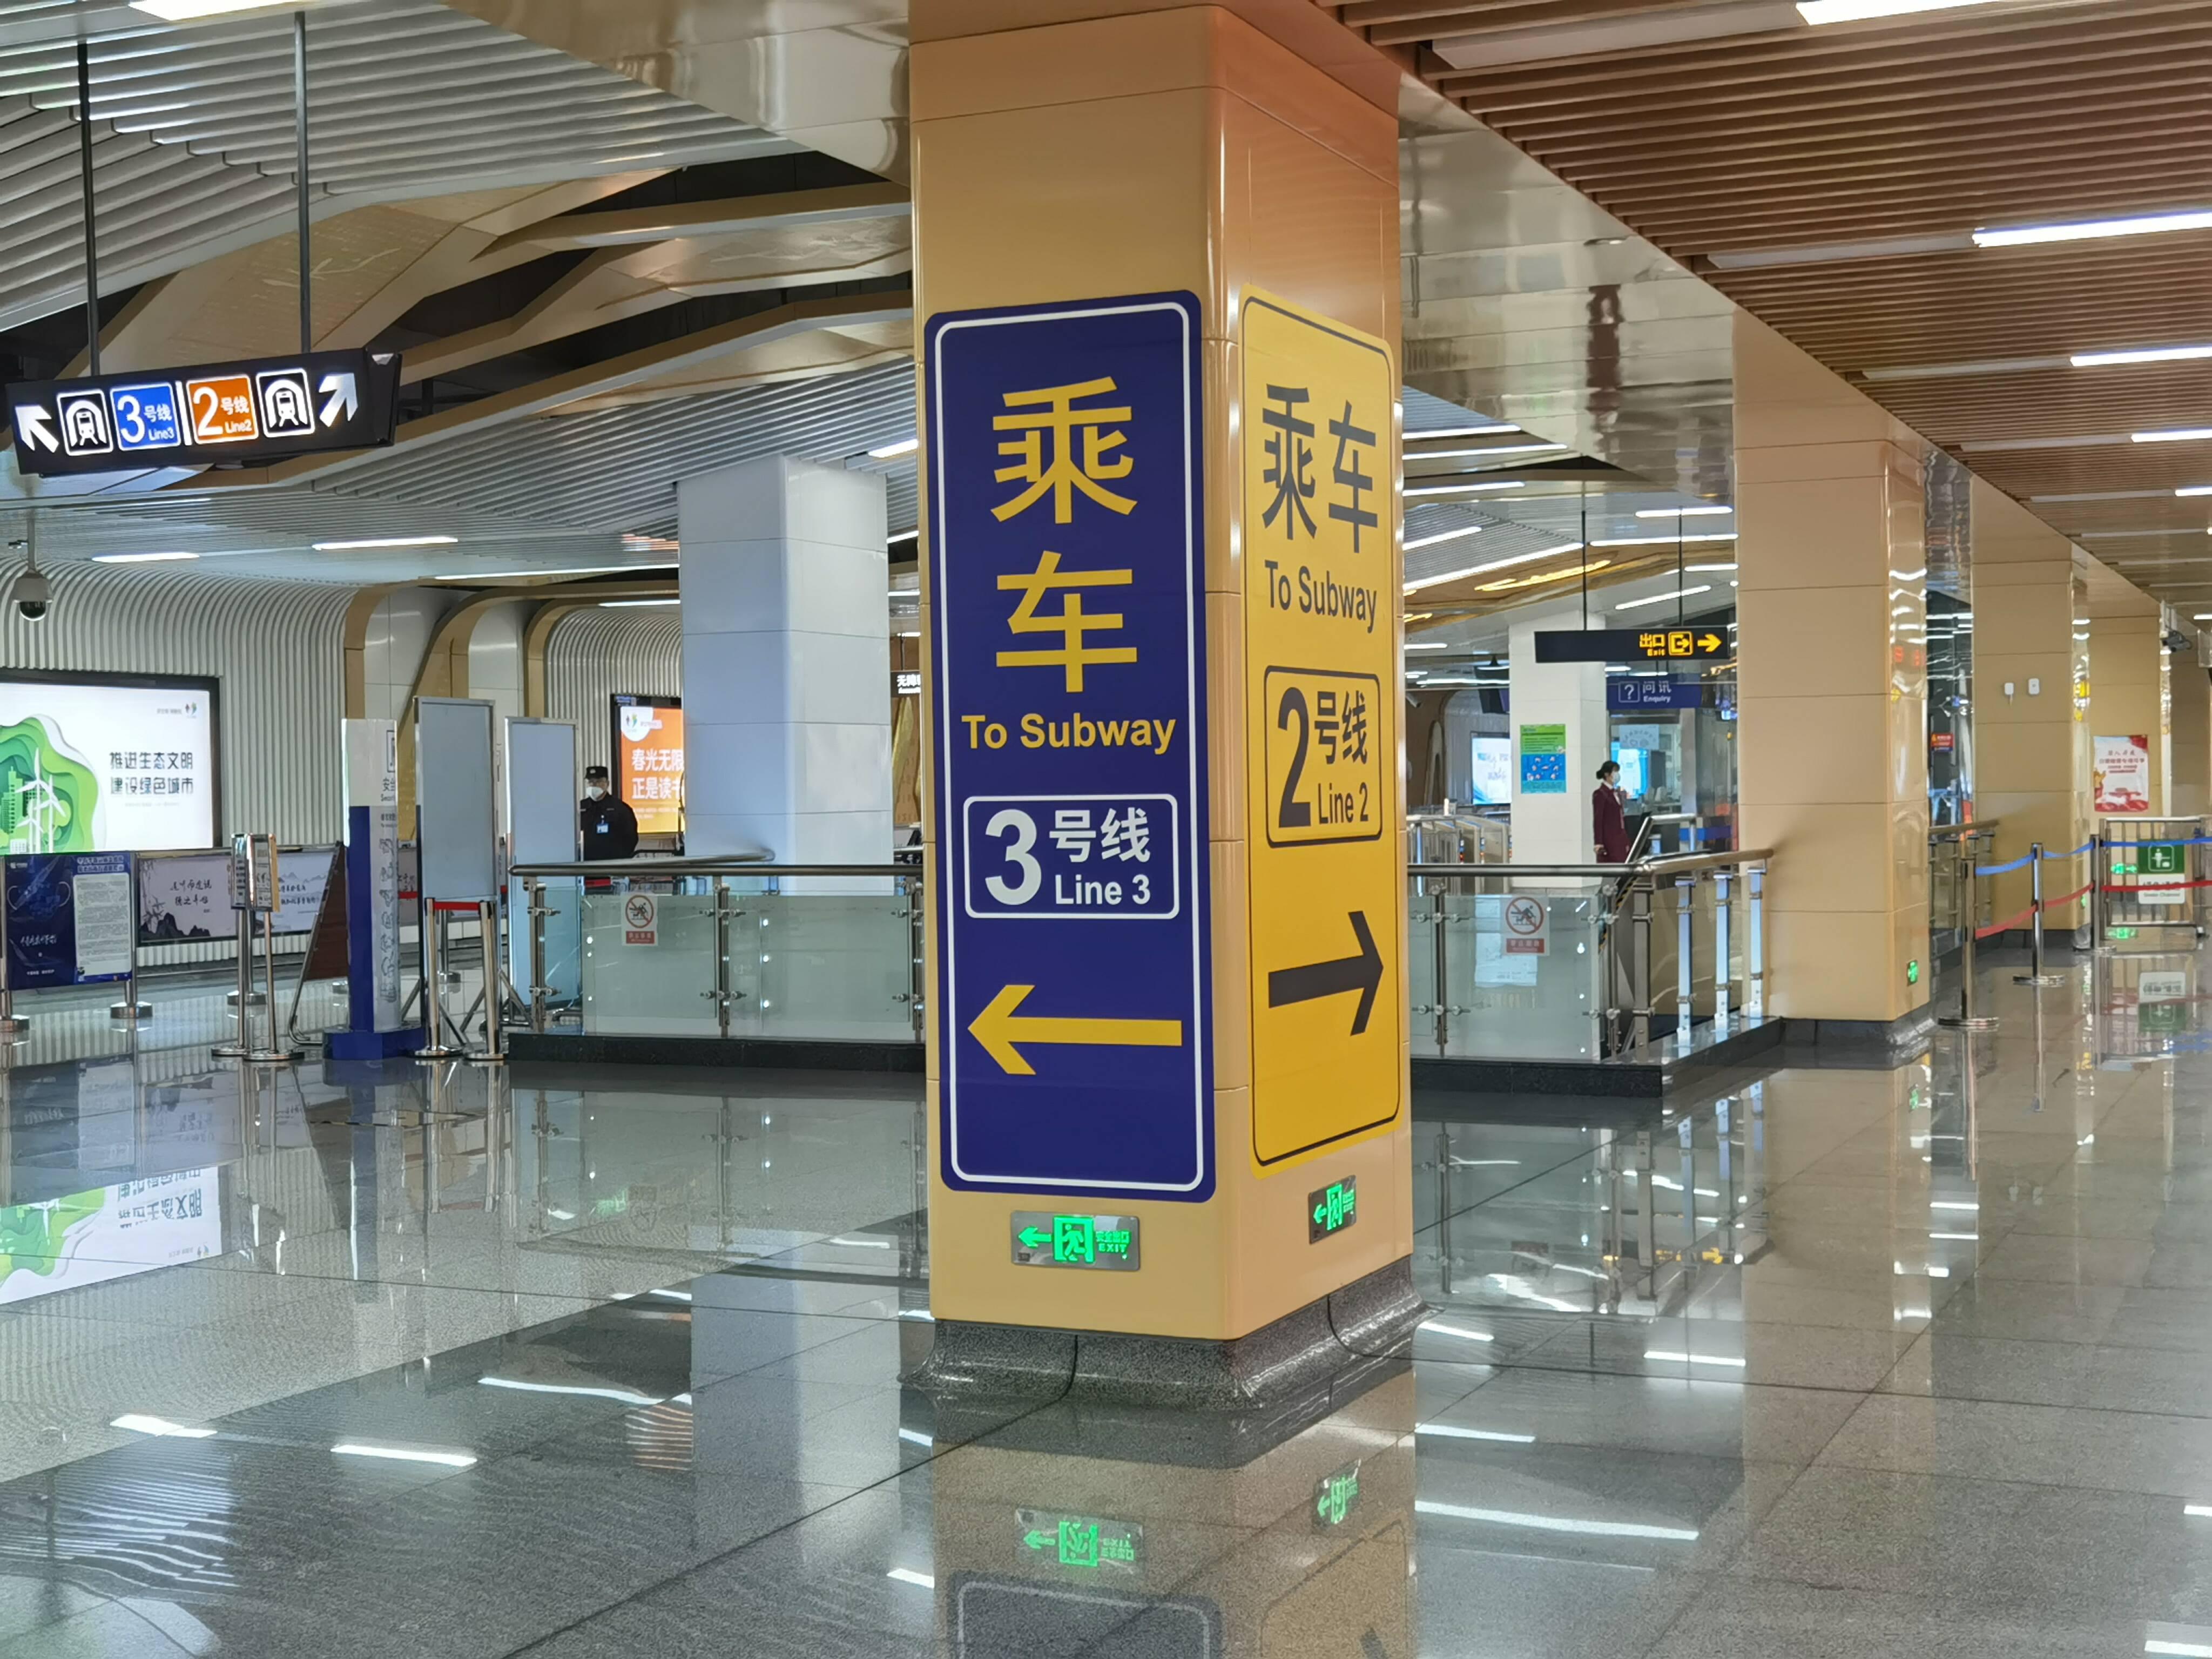 5天倒计时?记者探访济南地铁2号线换乘 指示标和换乘票价都已贴上